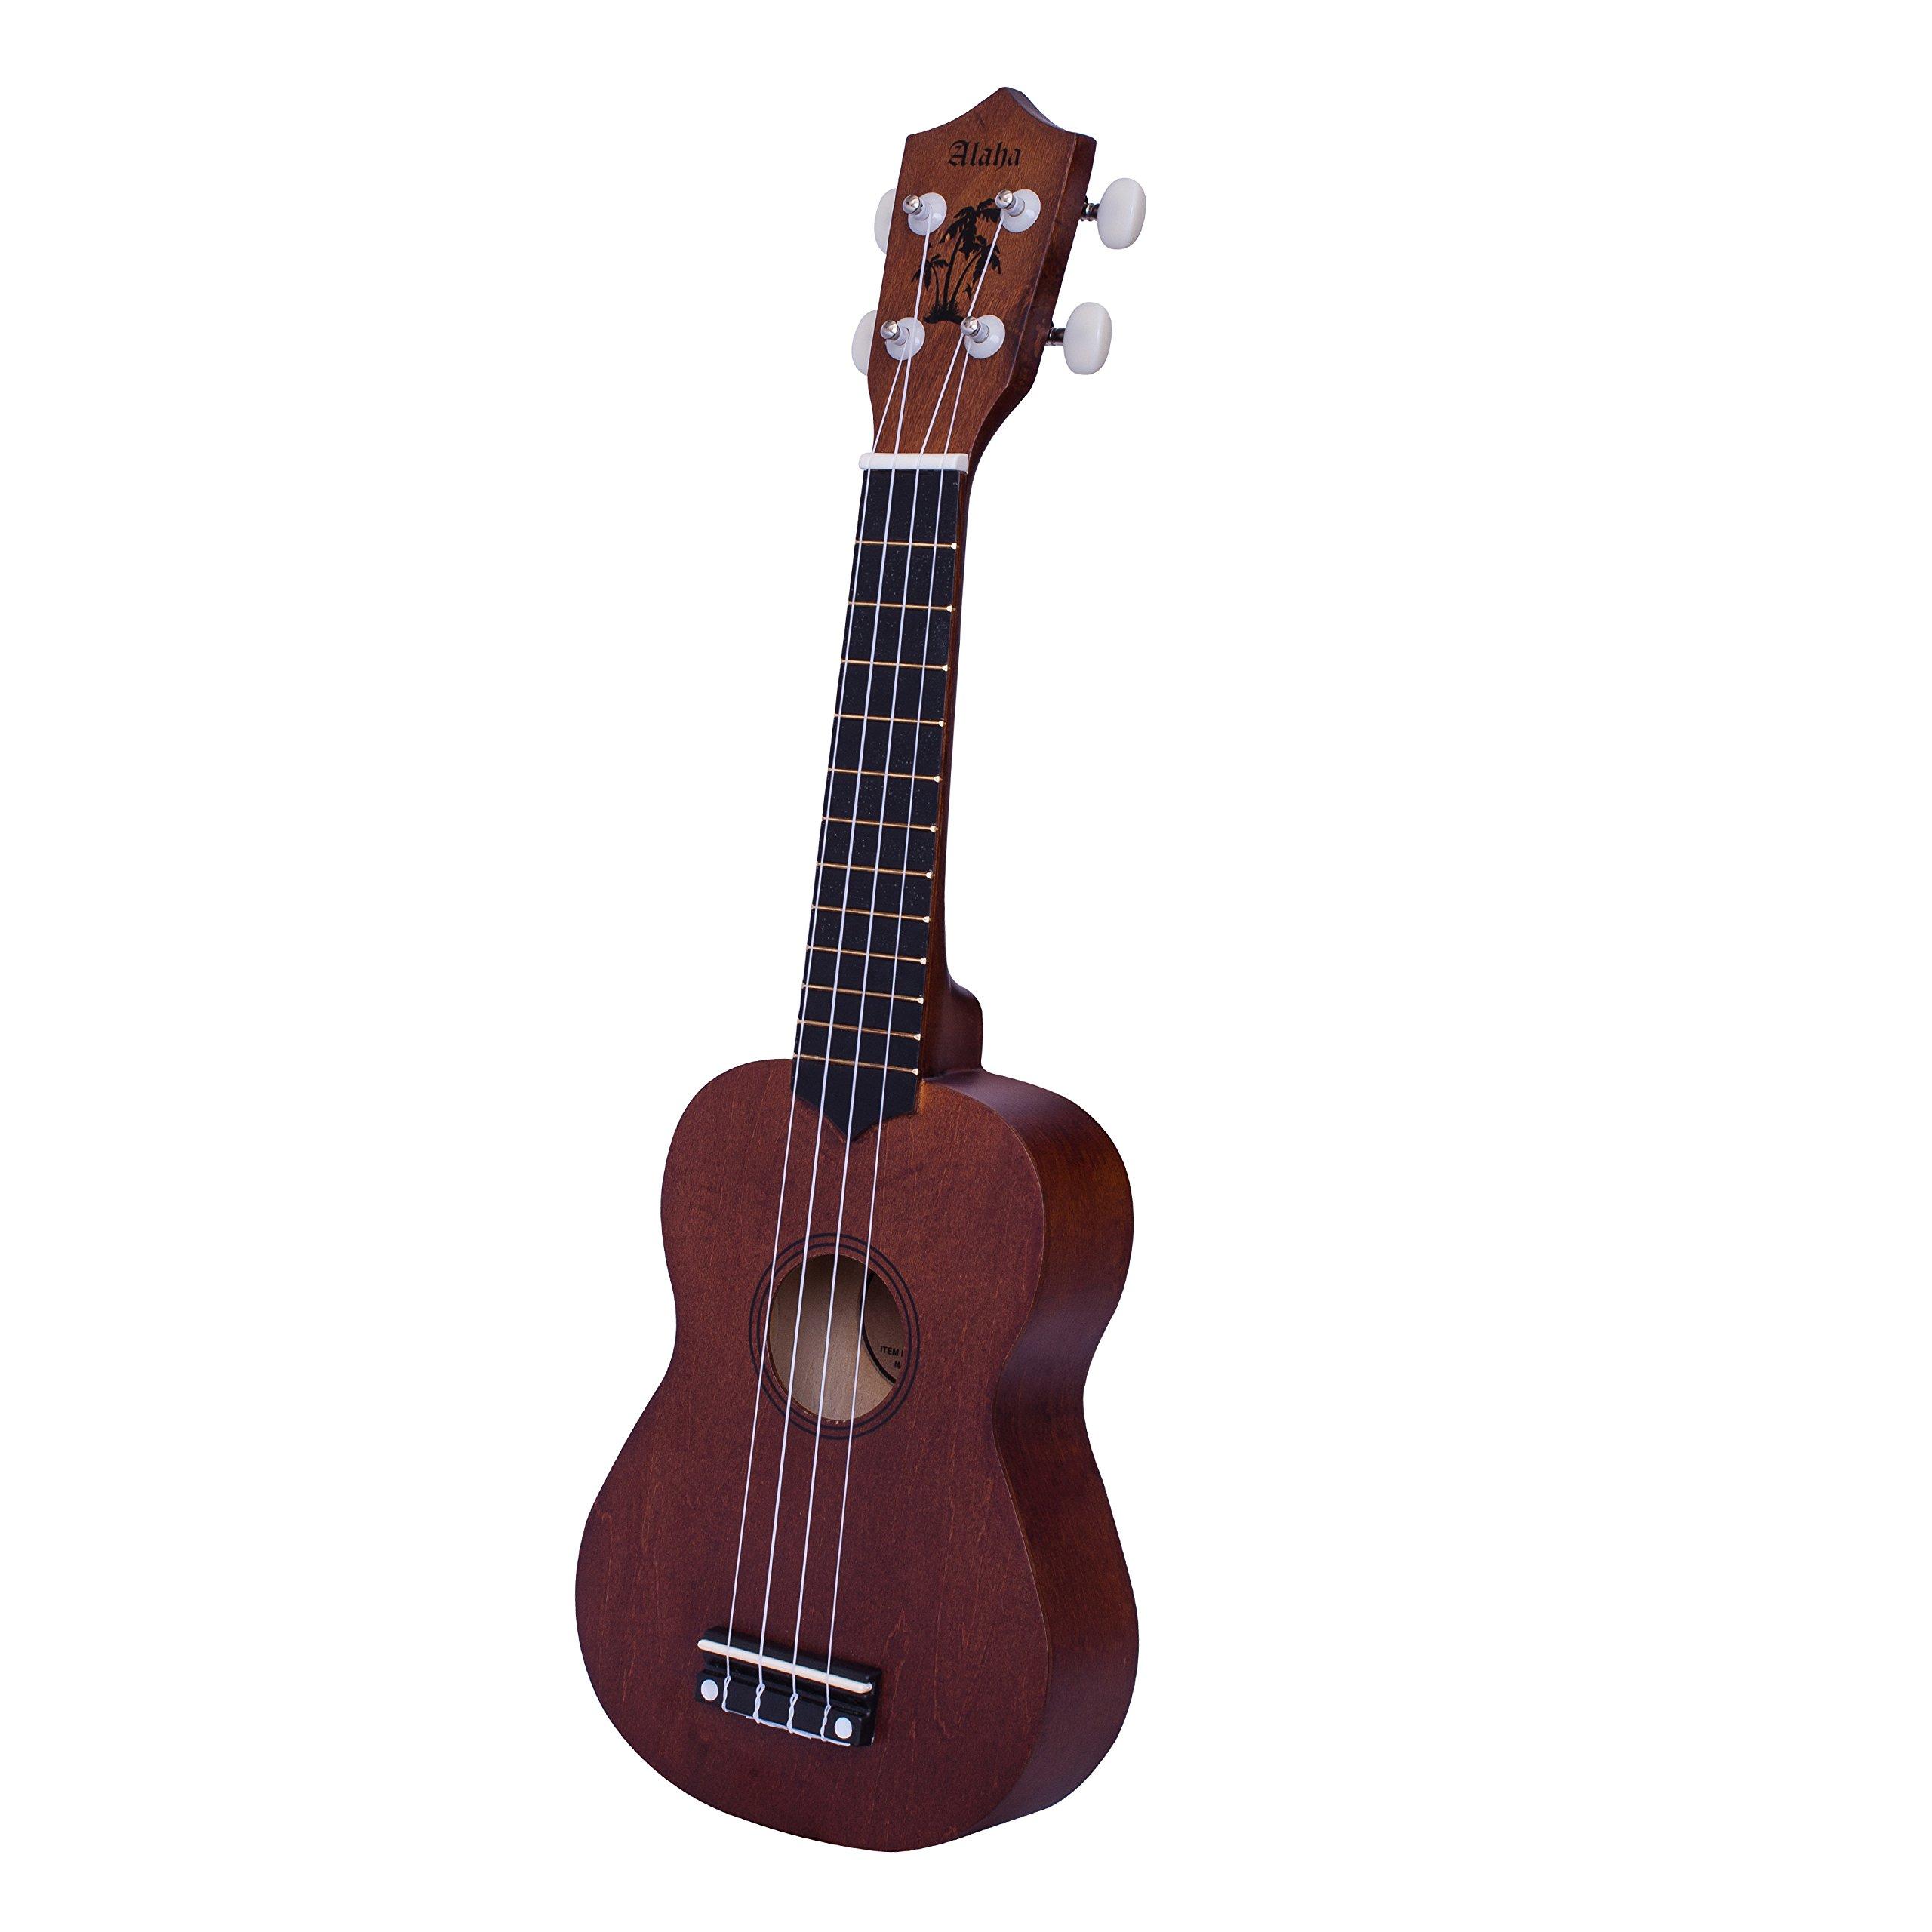 Ukulele soprano ukulele kids ukulele bundle starter guitar kid ukulele with extra new nylon strings uku strap ukulele case ukulele picks satin basswood ukulele